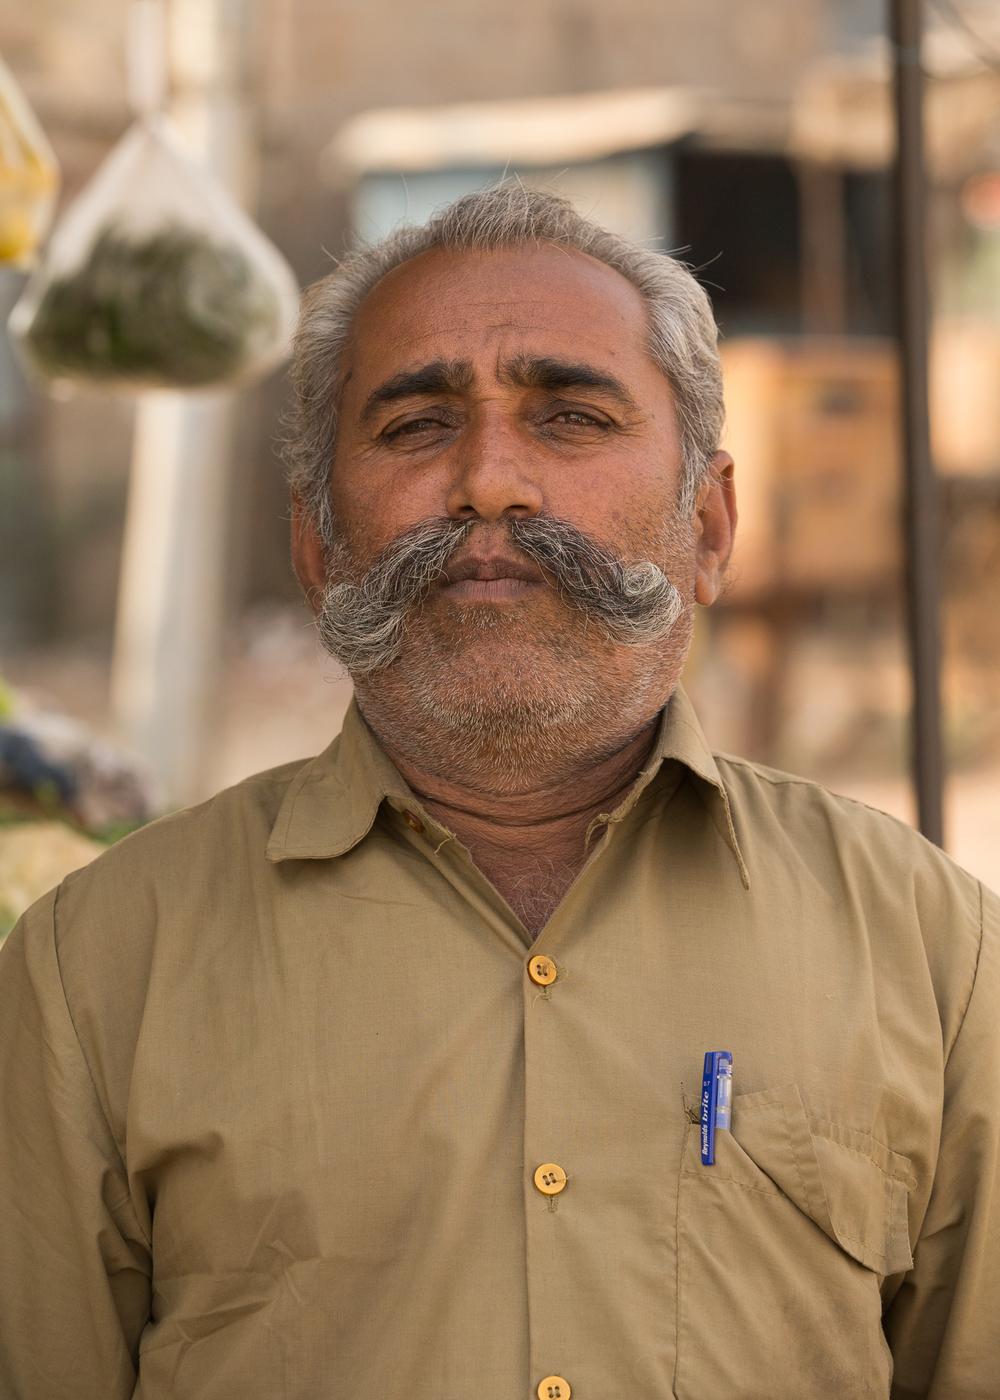 Shiv, Rajasthan Jan 2015